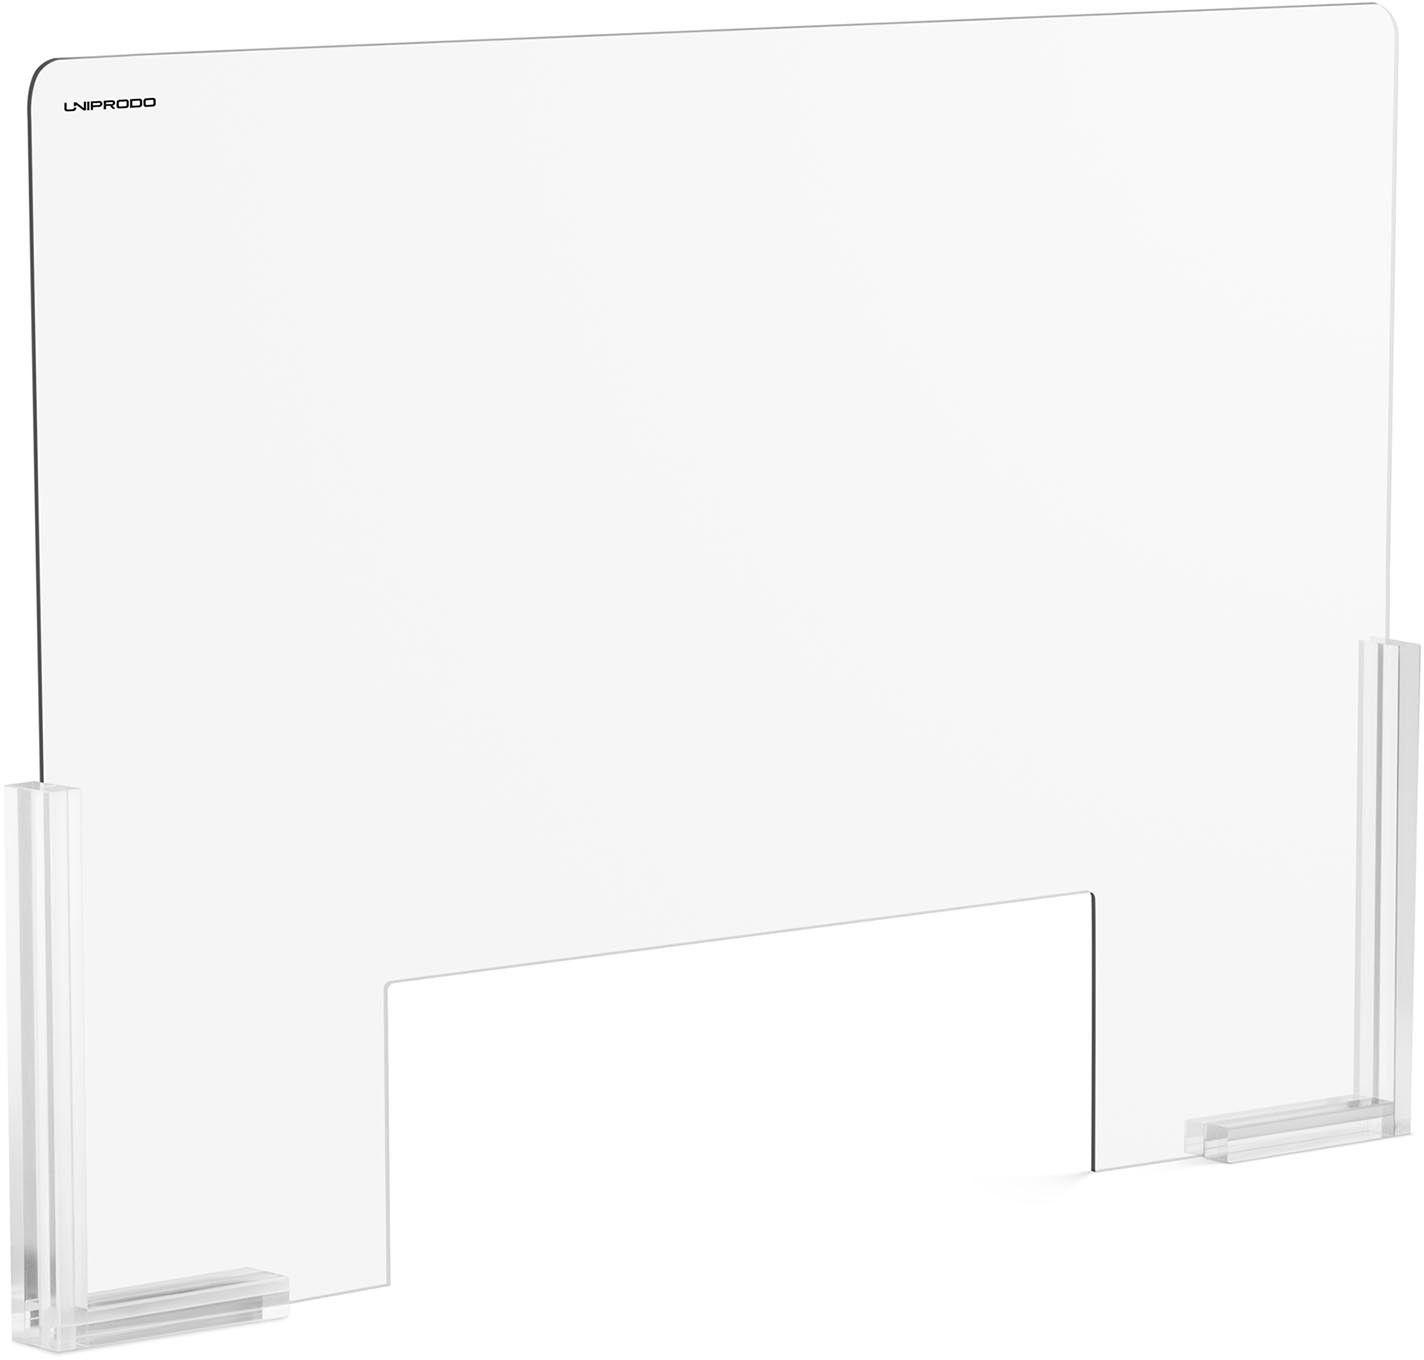 UNI-PPG03 Osłona z plexi - 95 x 65 cm - duże okienko 38 x 25 cm Uniprodo 10250442